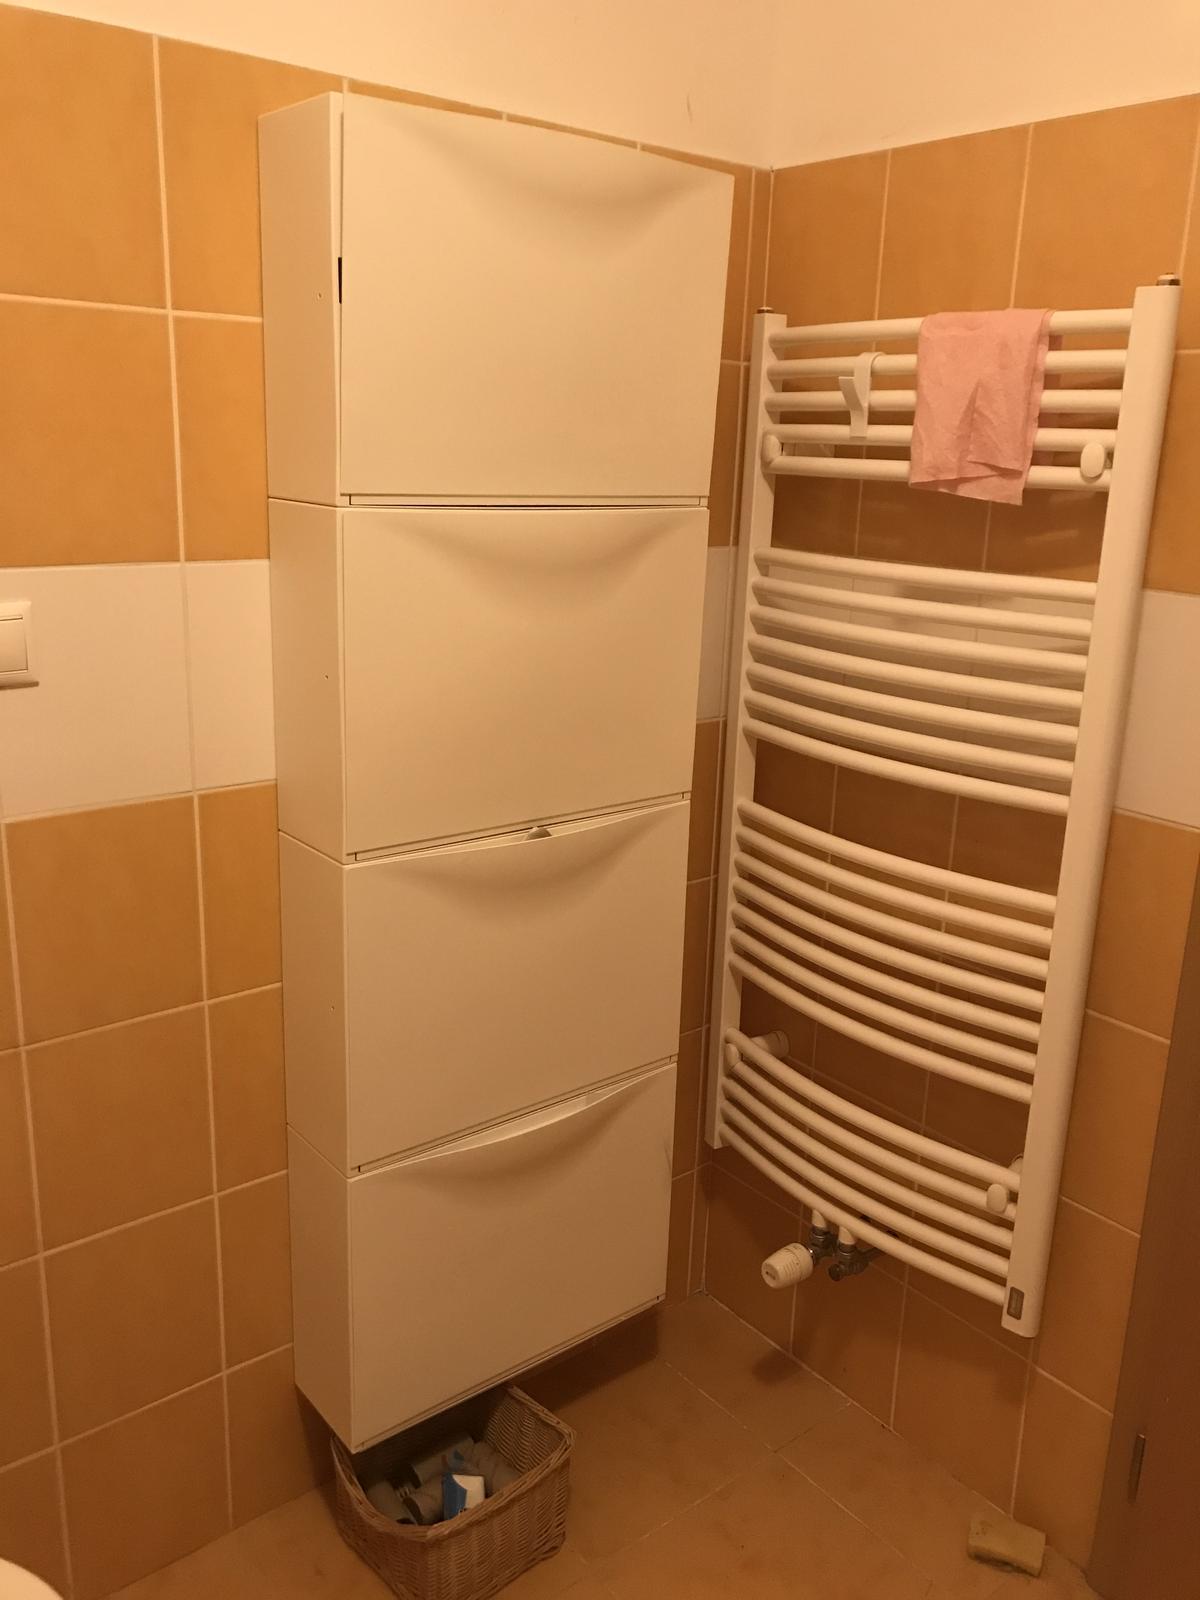 Z příšerné koupelny tvořím trochu lepší 💪 - Obrázek č. 3